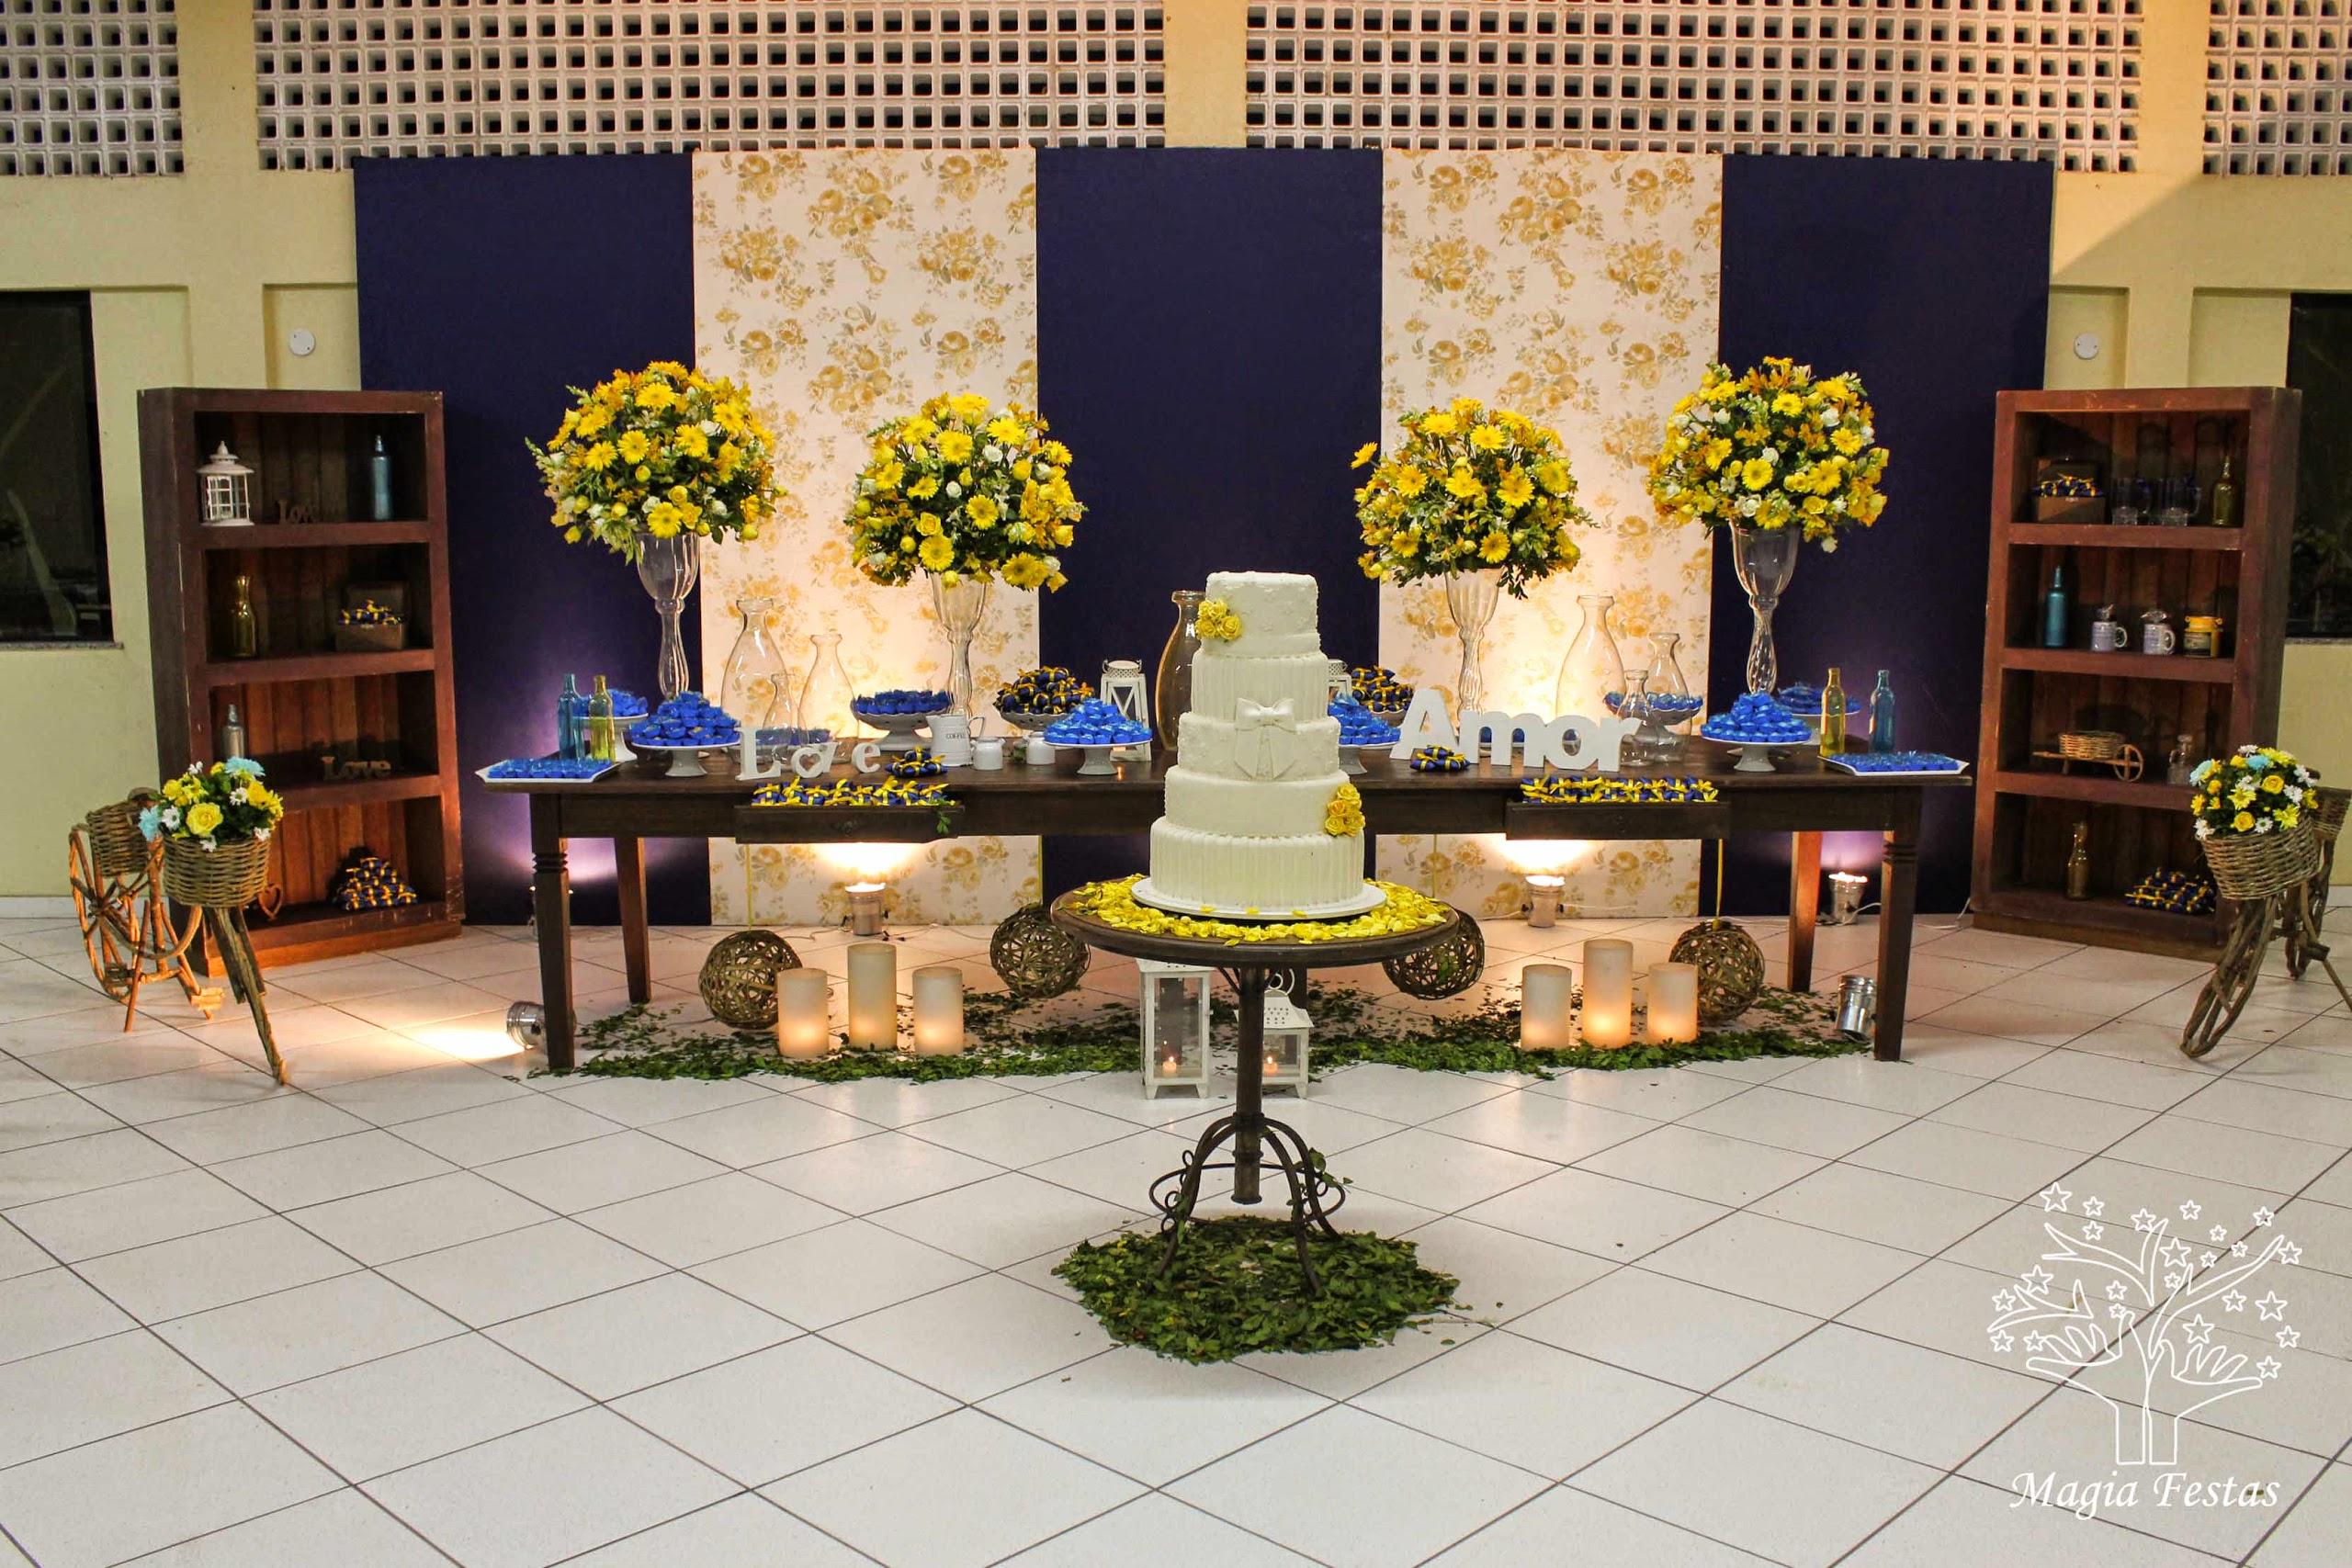 decoracao para casamento azul marinho e amarelo : decoracao para casamento azul marinho e amarelo:quinta-feira, 29 de maio de 2014